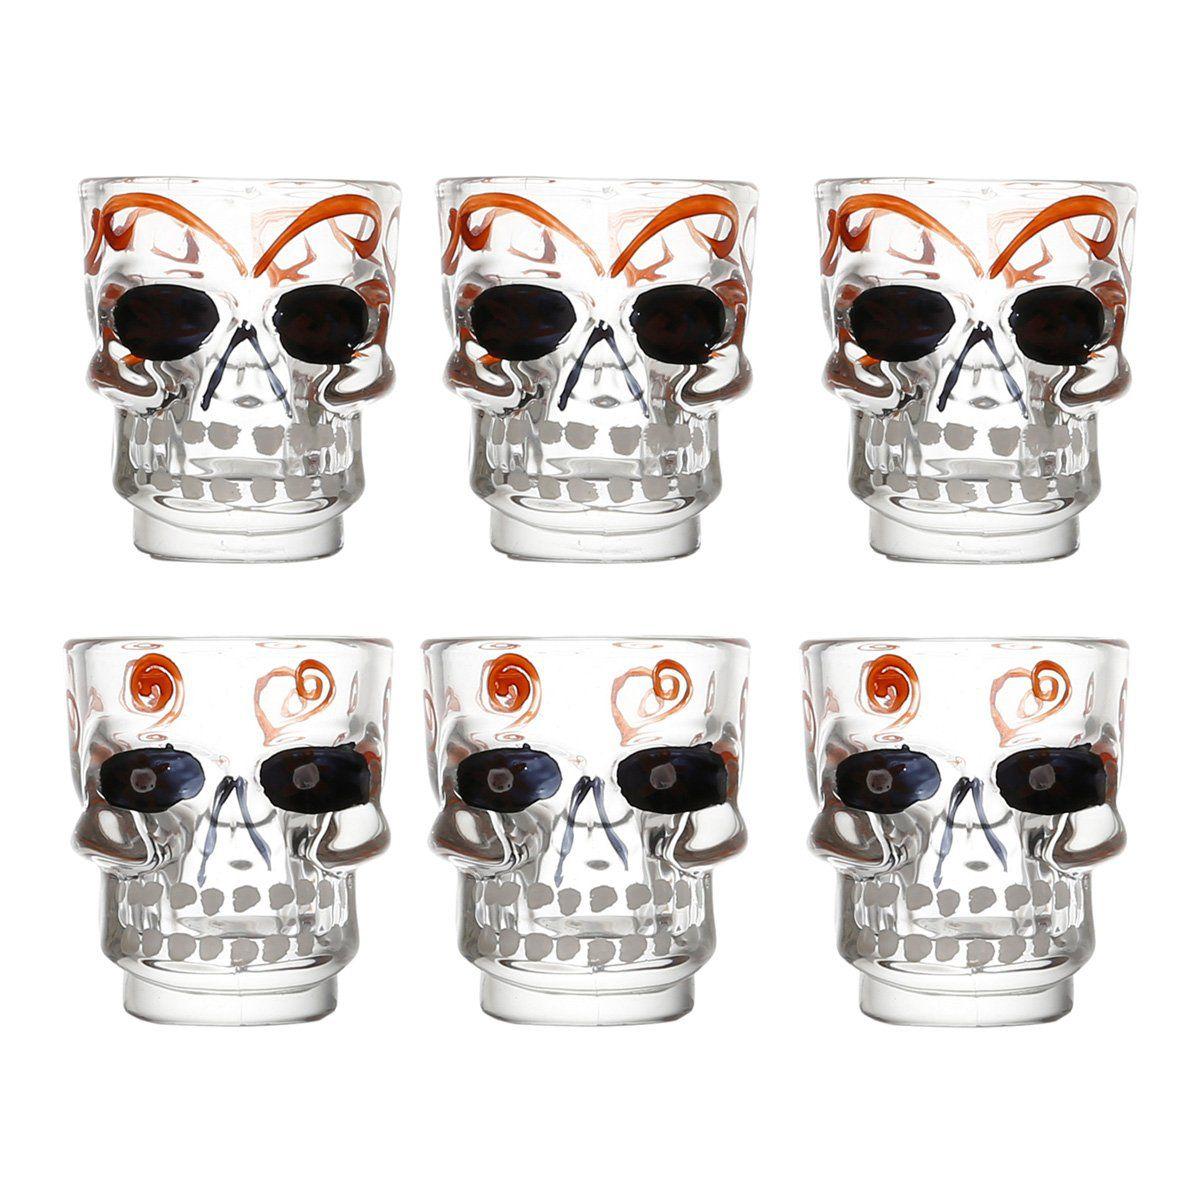 Jogo 6 copos 50ml para shot de vidro transparente Caveira Bon Gourmet - 25157